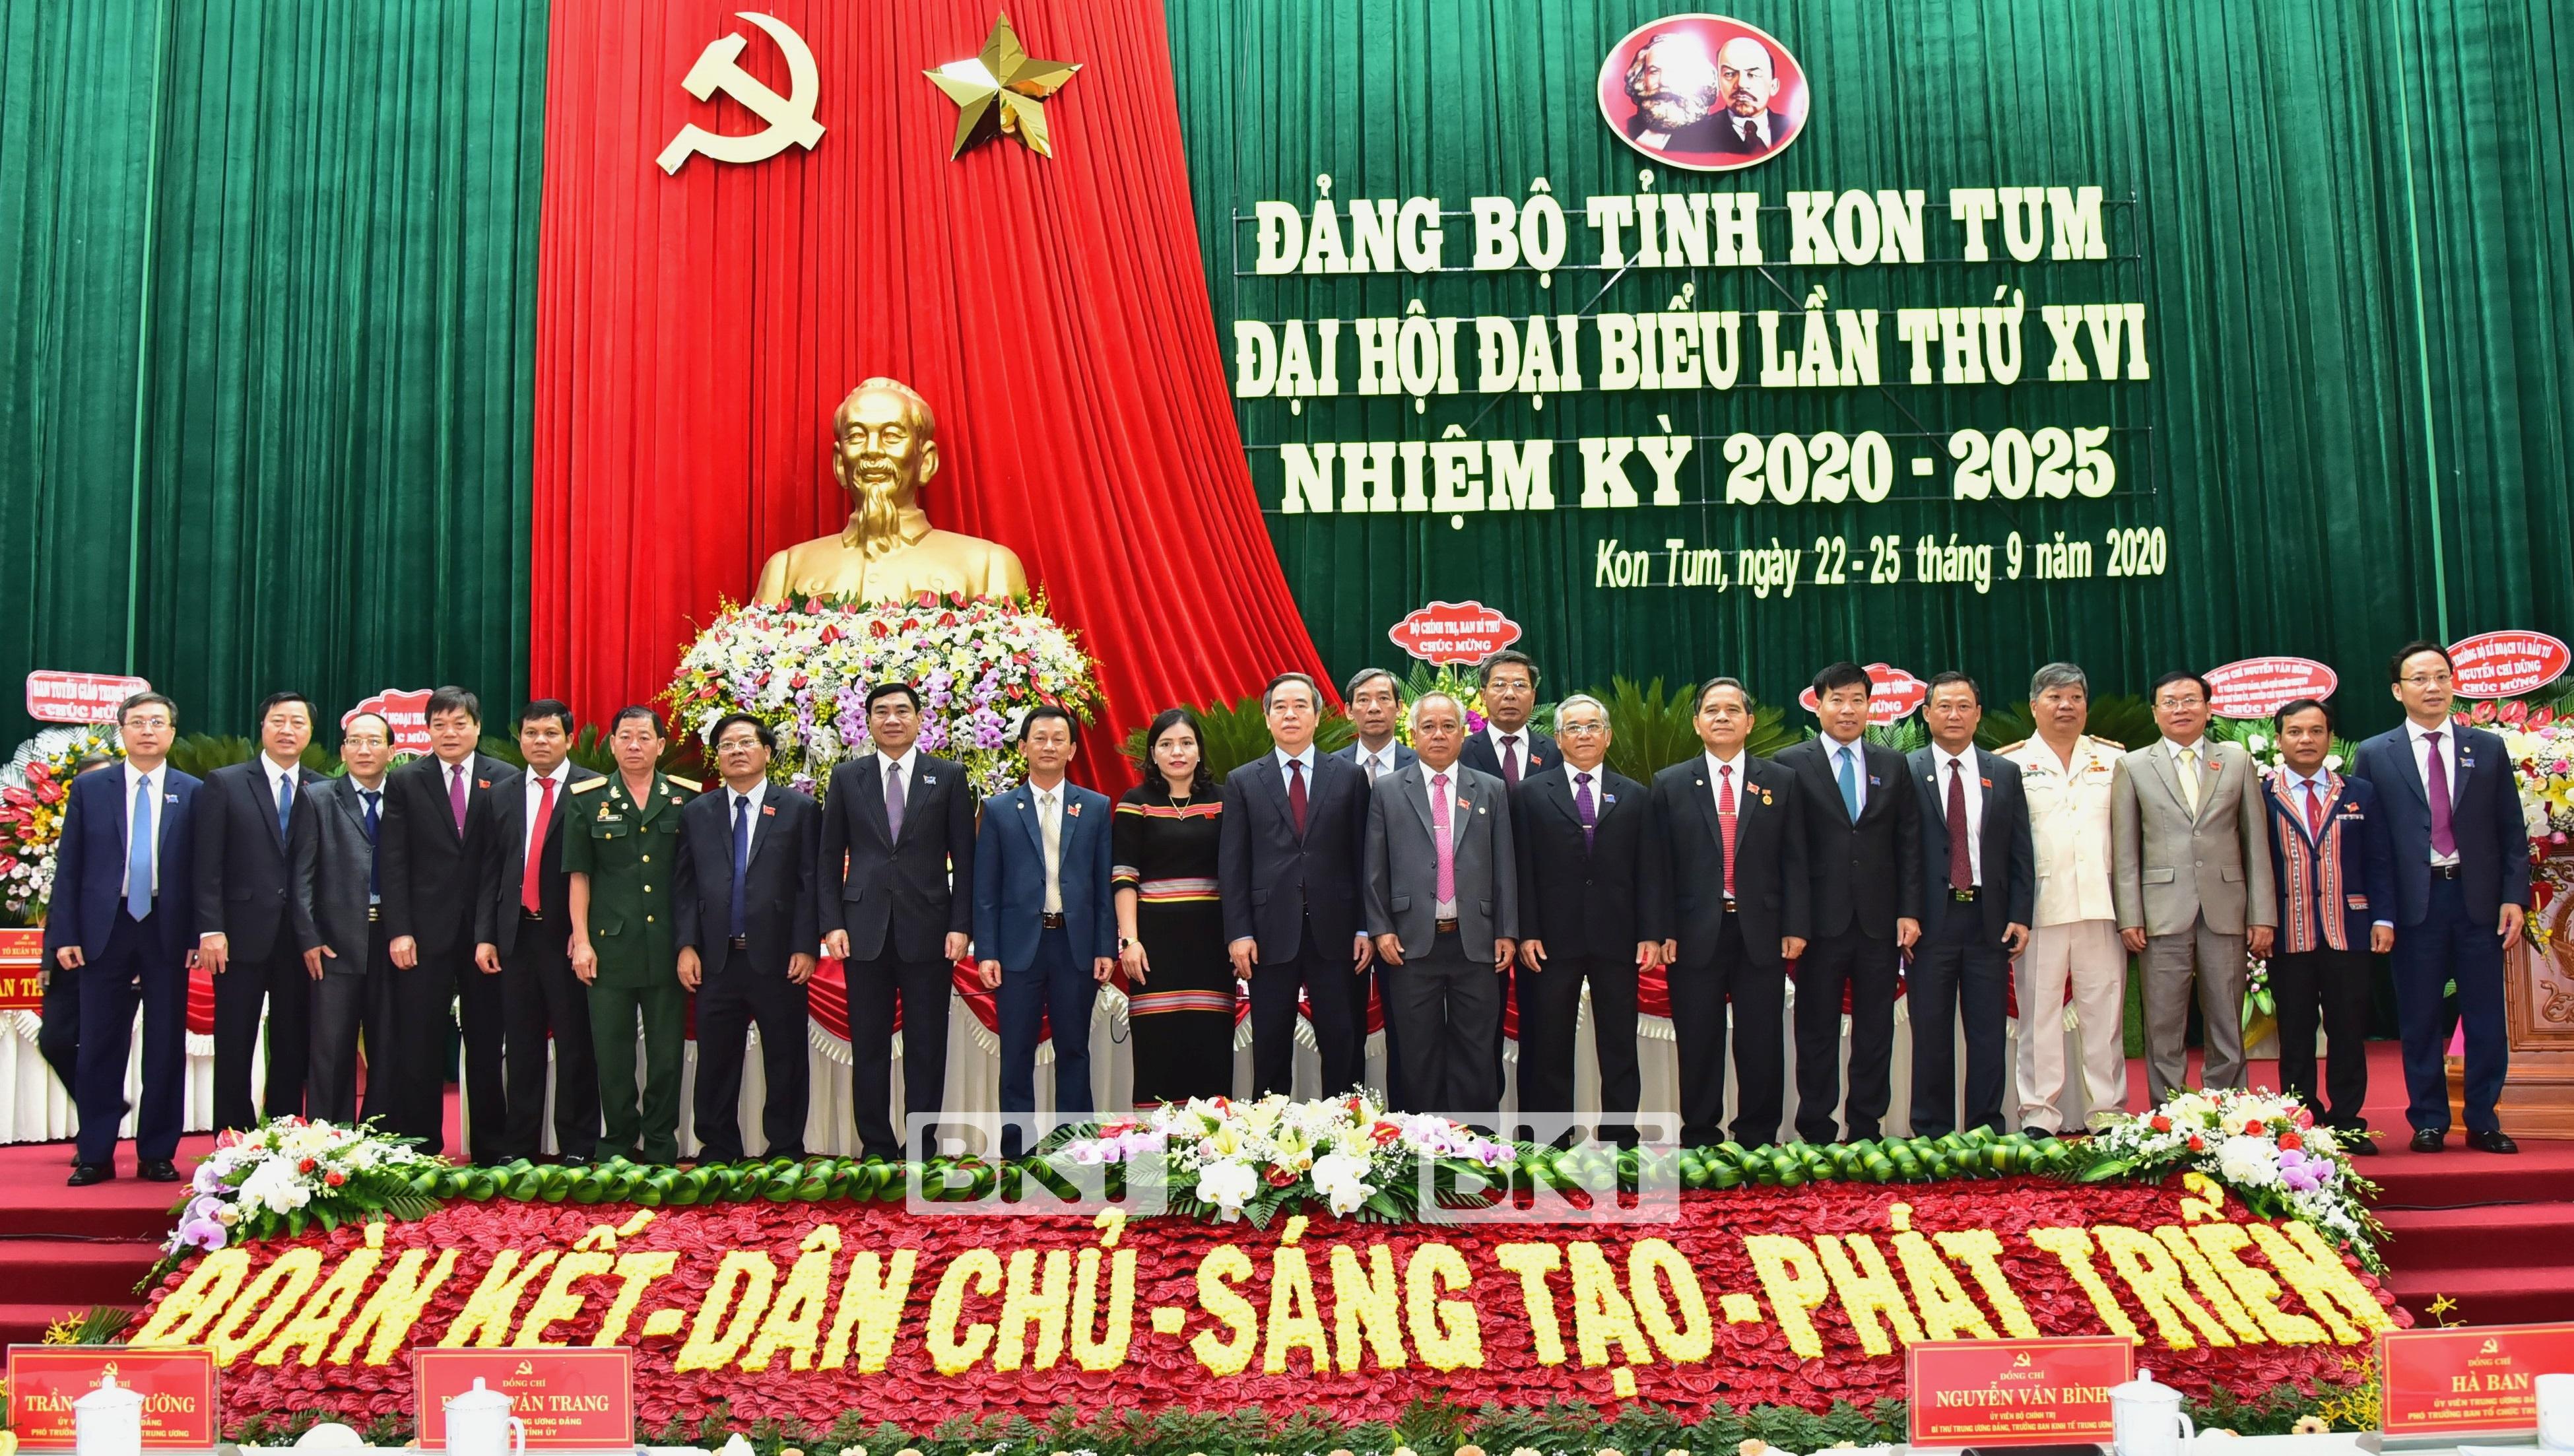 Phat Biểu Của đồng Chi Nguyễn Văn Binh ủy Vien Bộ Chinh Trị Bi Thư Trung ương đảng Trưởng Ban Kinh Tế Trung ương Tại đại Hội đại Biểu đảng Bộ Tỉnh